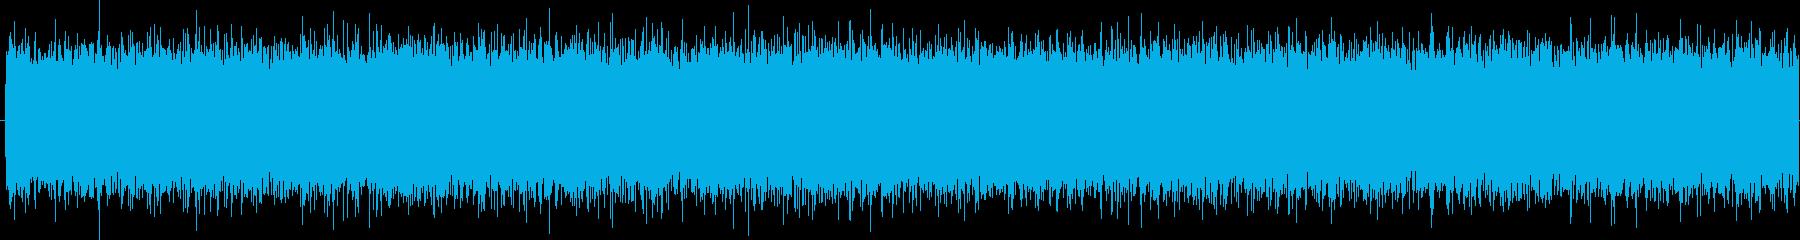 使いやすい 汎用ウォーターフォール...の再生済みの波形